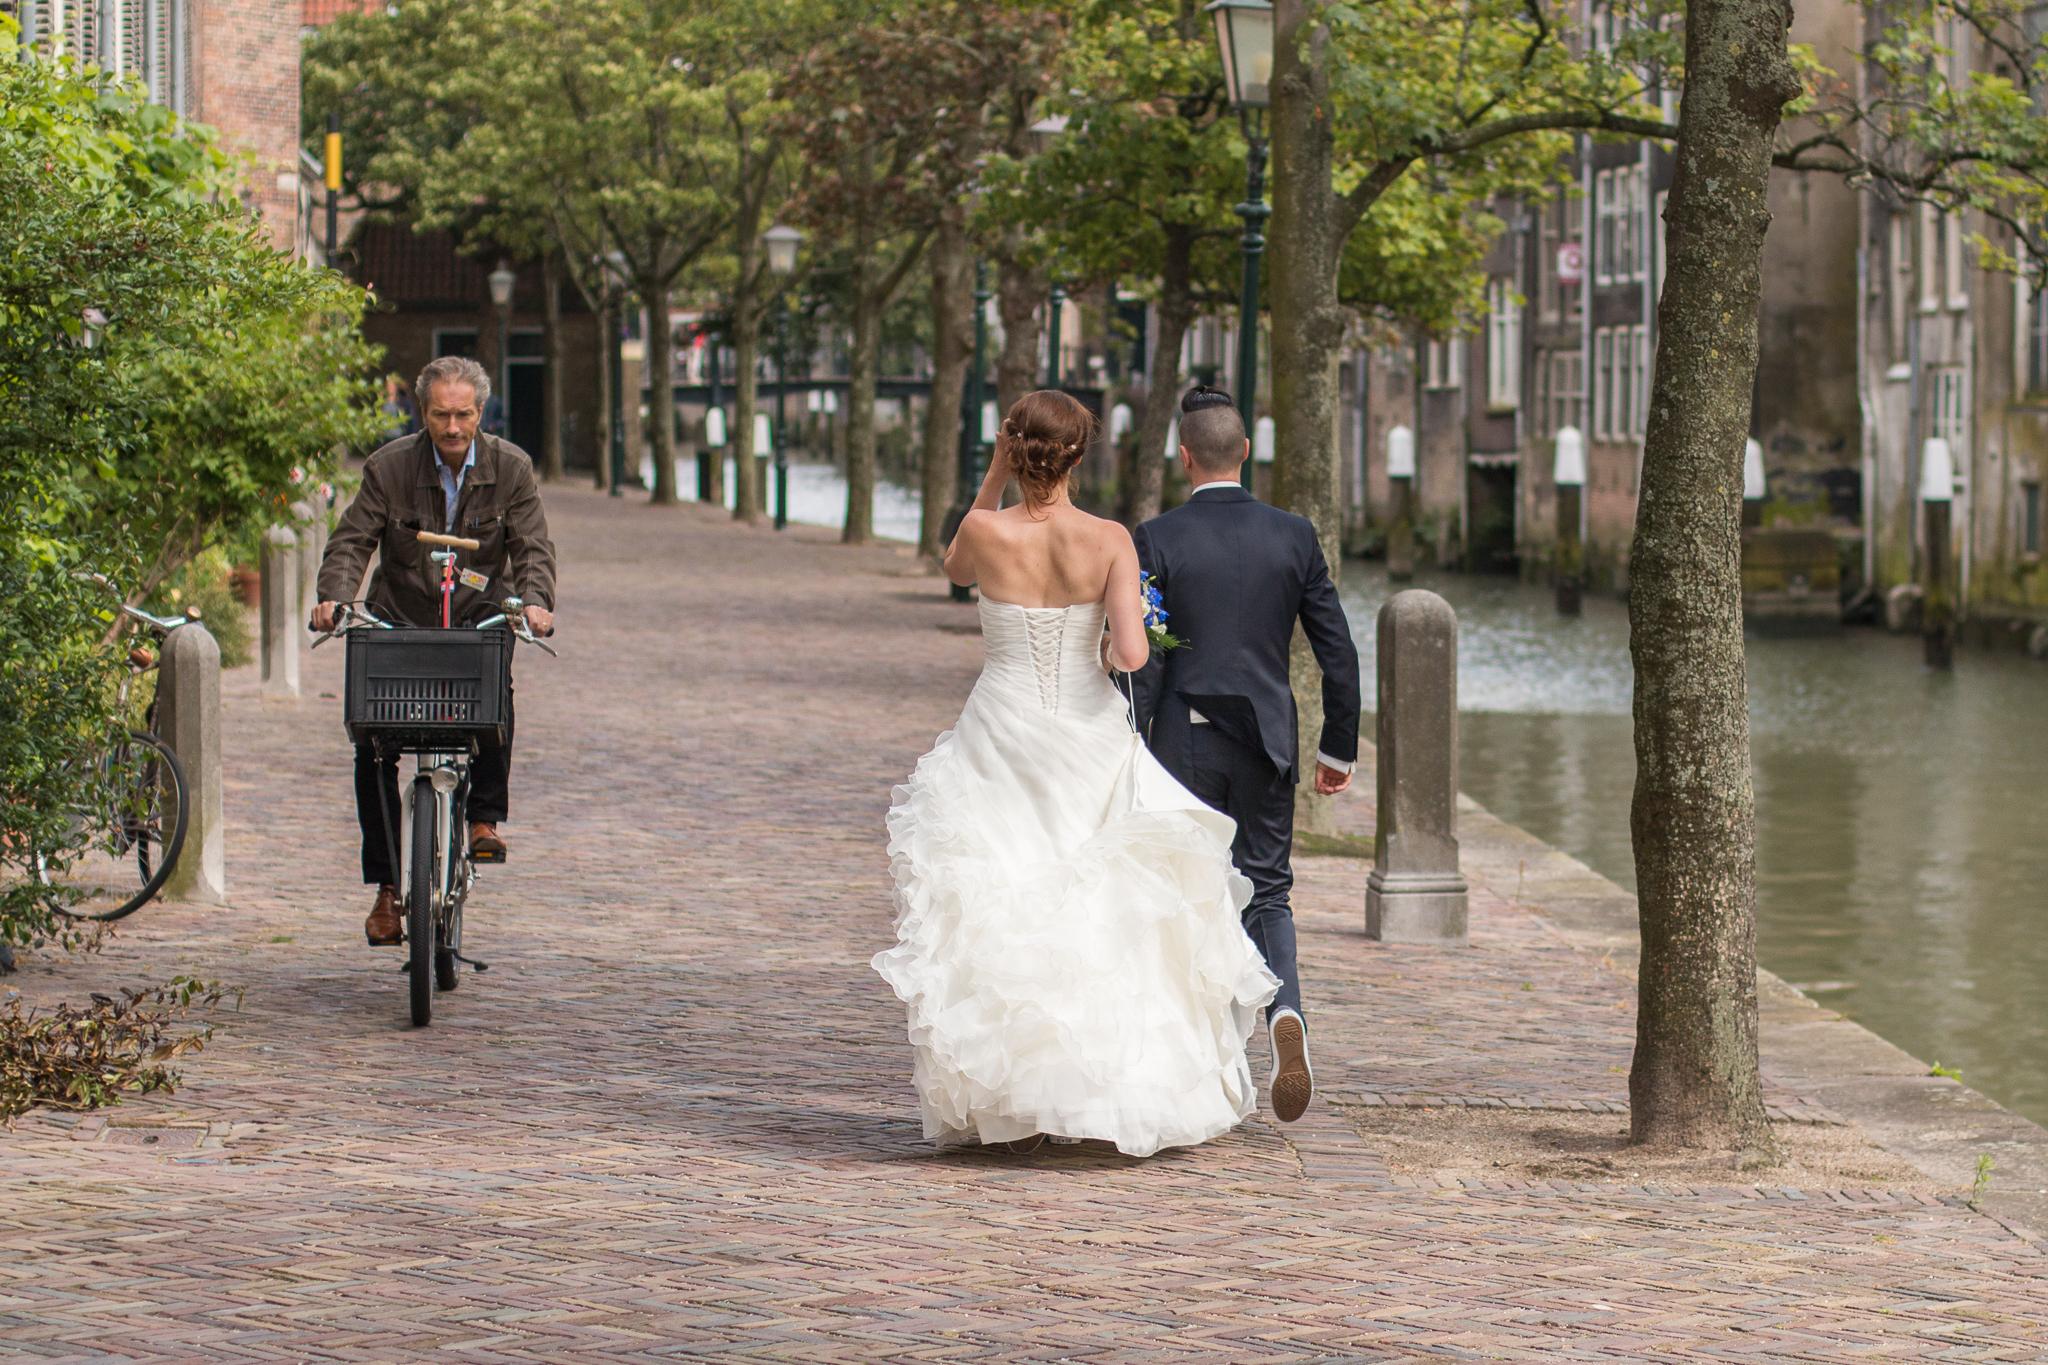 Bruidspaar loopt in Dordrecht en komt man op fiets tegen tijdens fotoshoot, bruidsfotograaf zuid holland